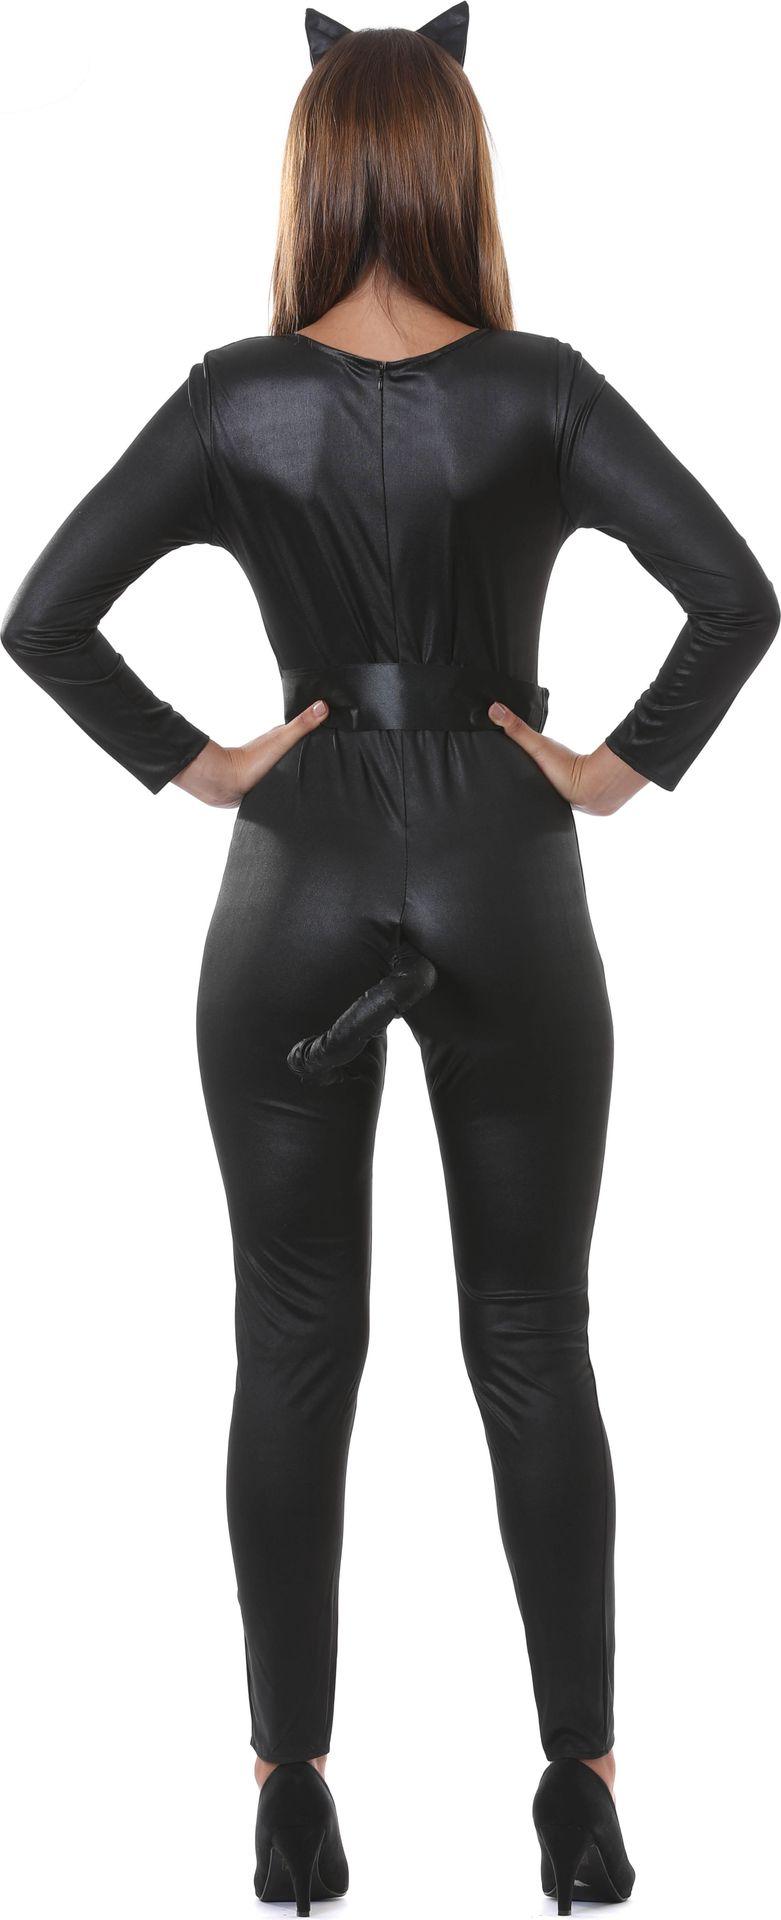 Zwarte catsuit